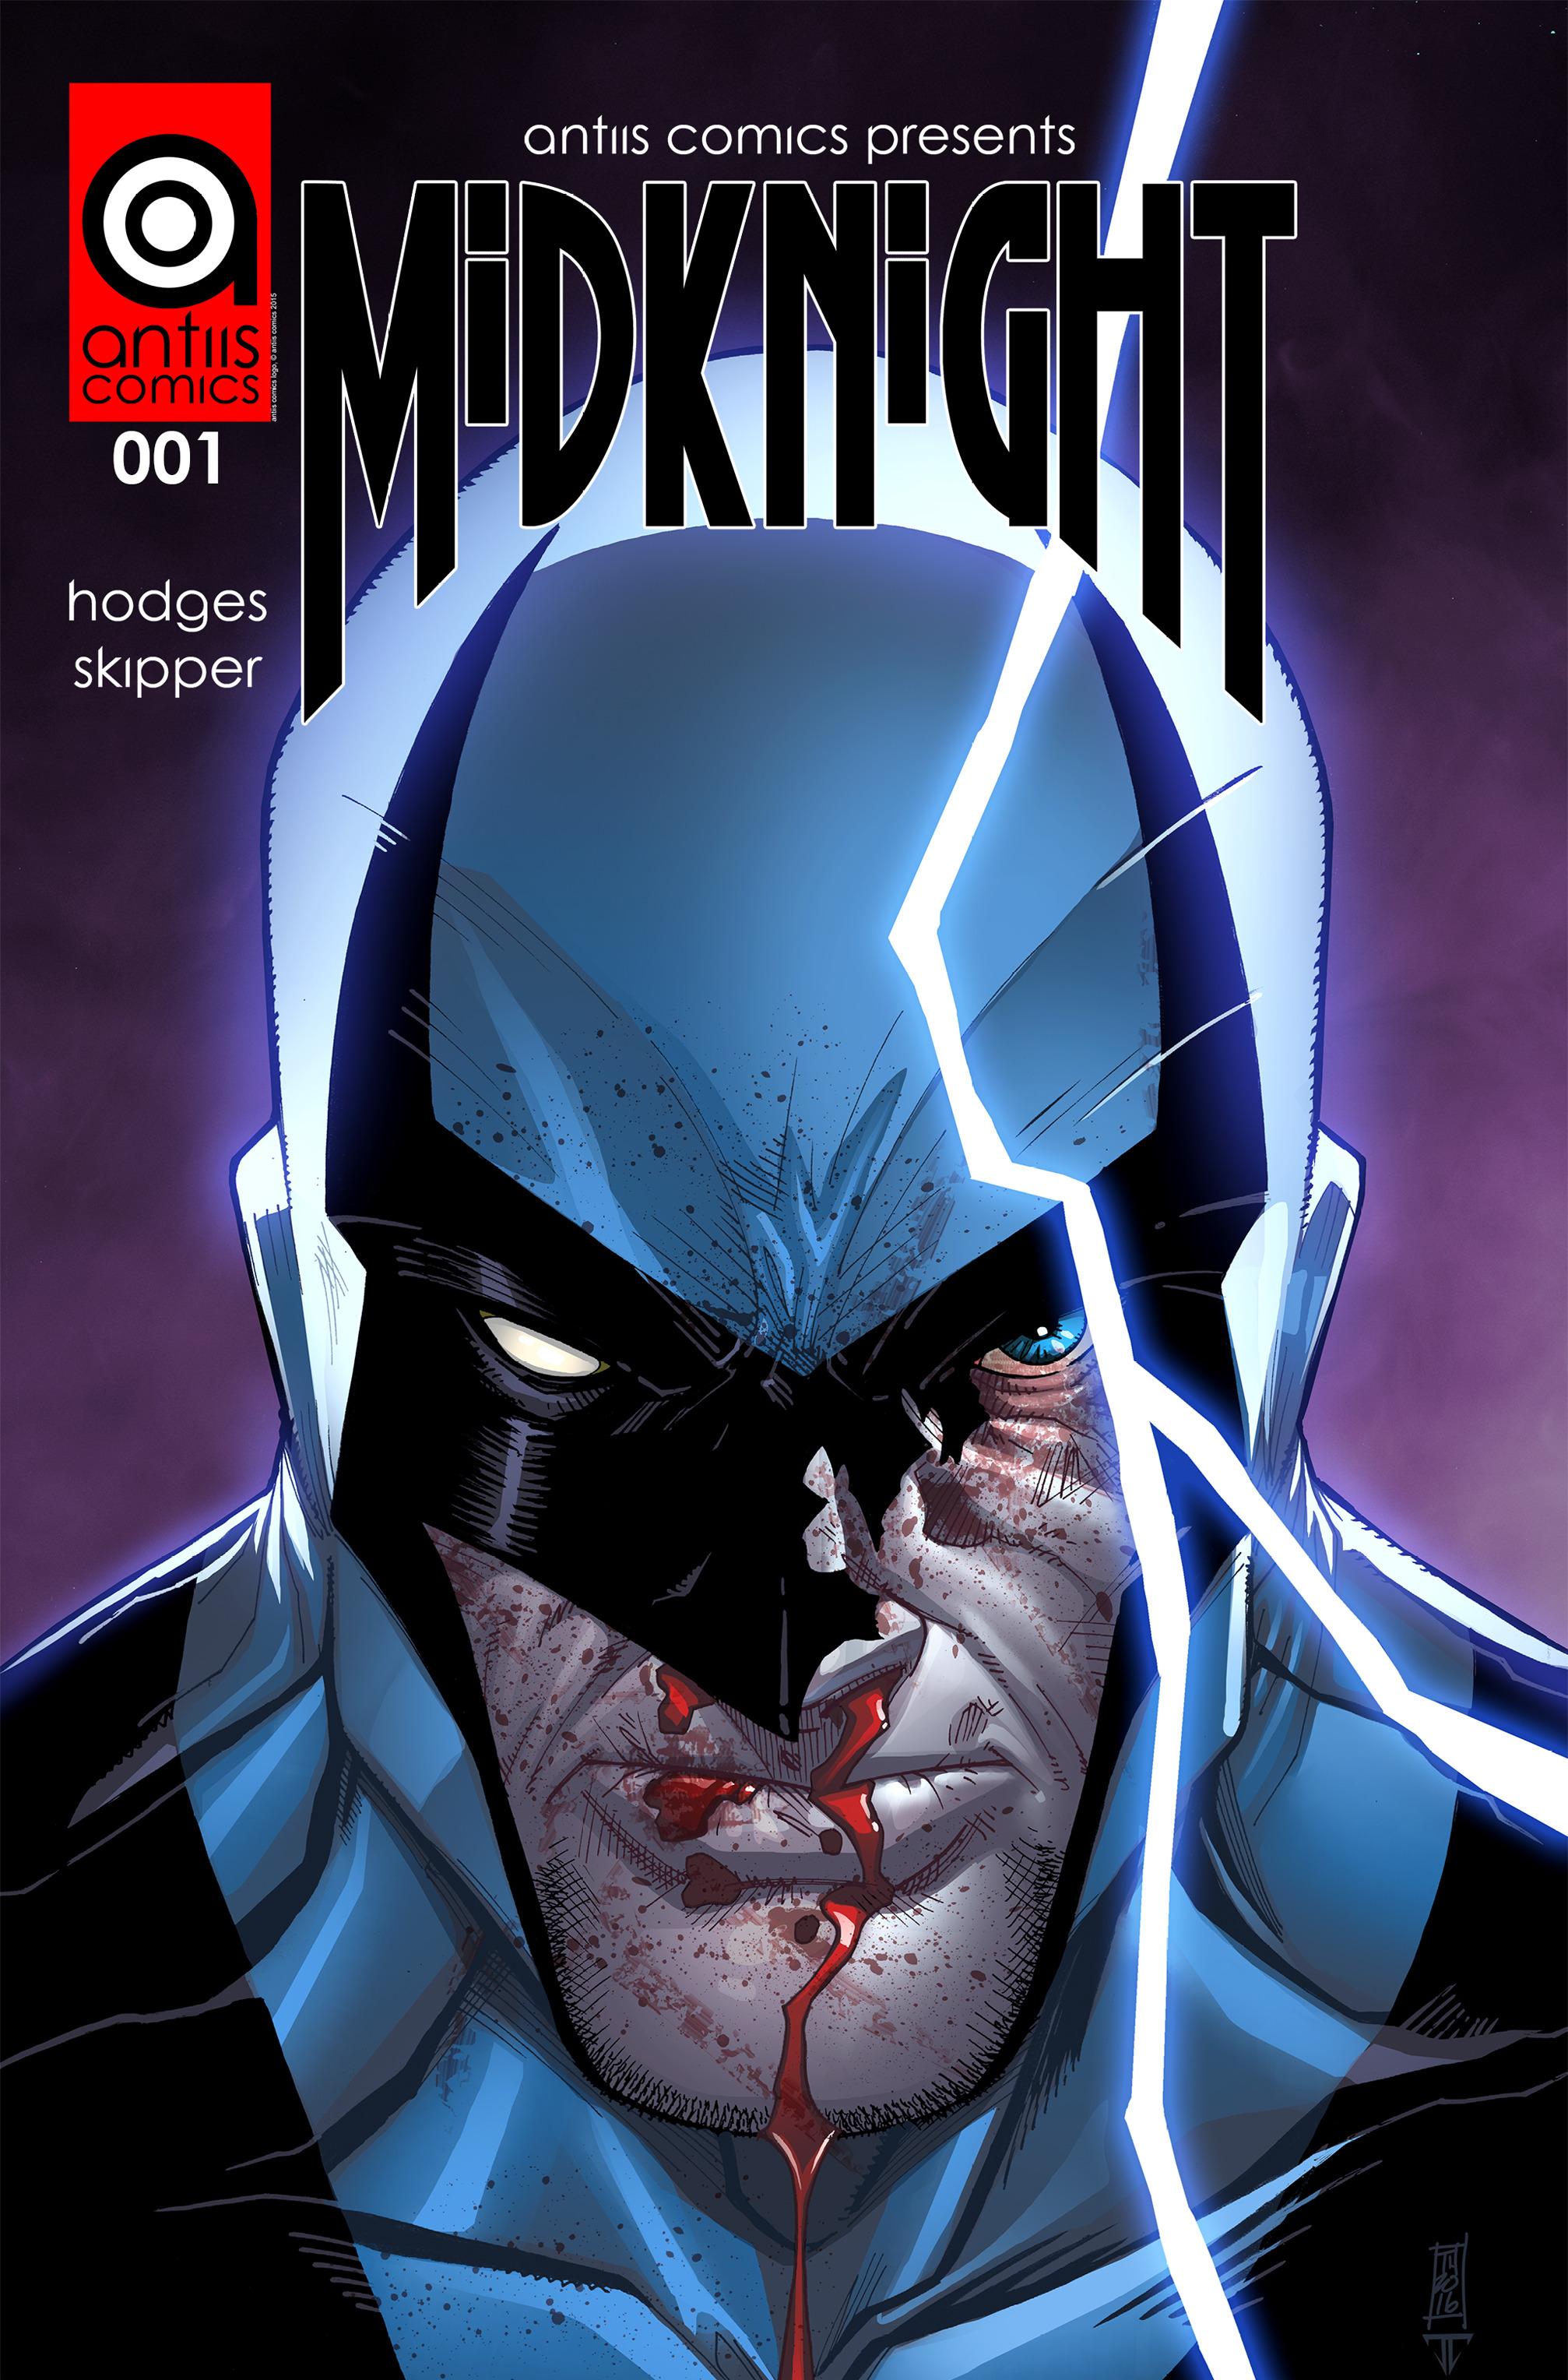 Read online Antiis Comics Presents, Vol. 1: Midknight comic -  Issue #Antiis Comics Presents, Vol. 1: Midknight Full - 1